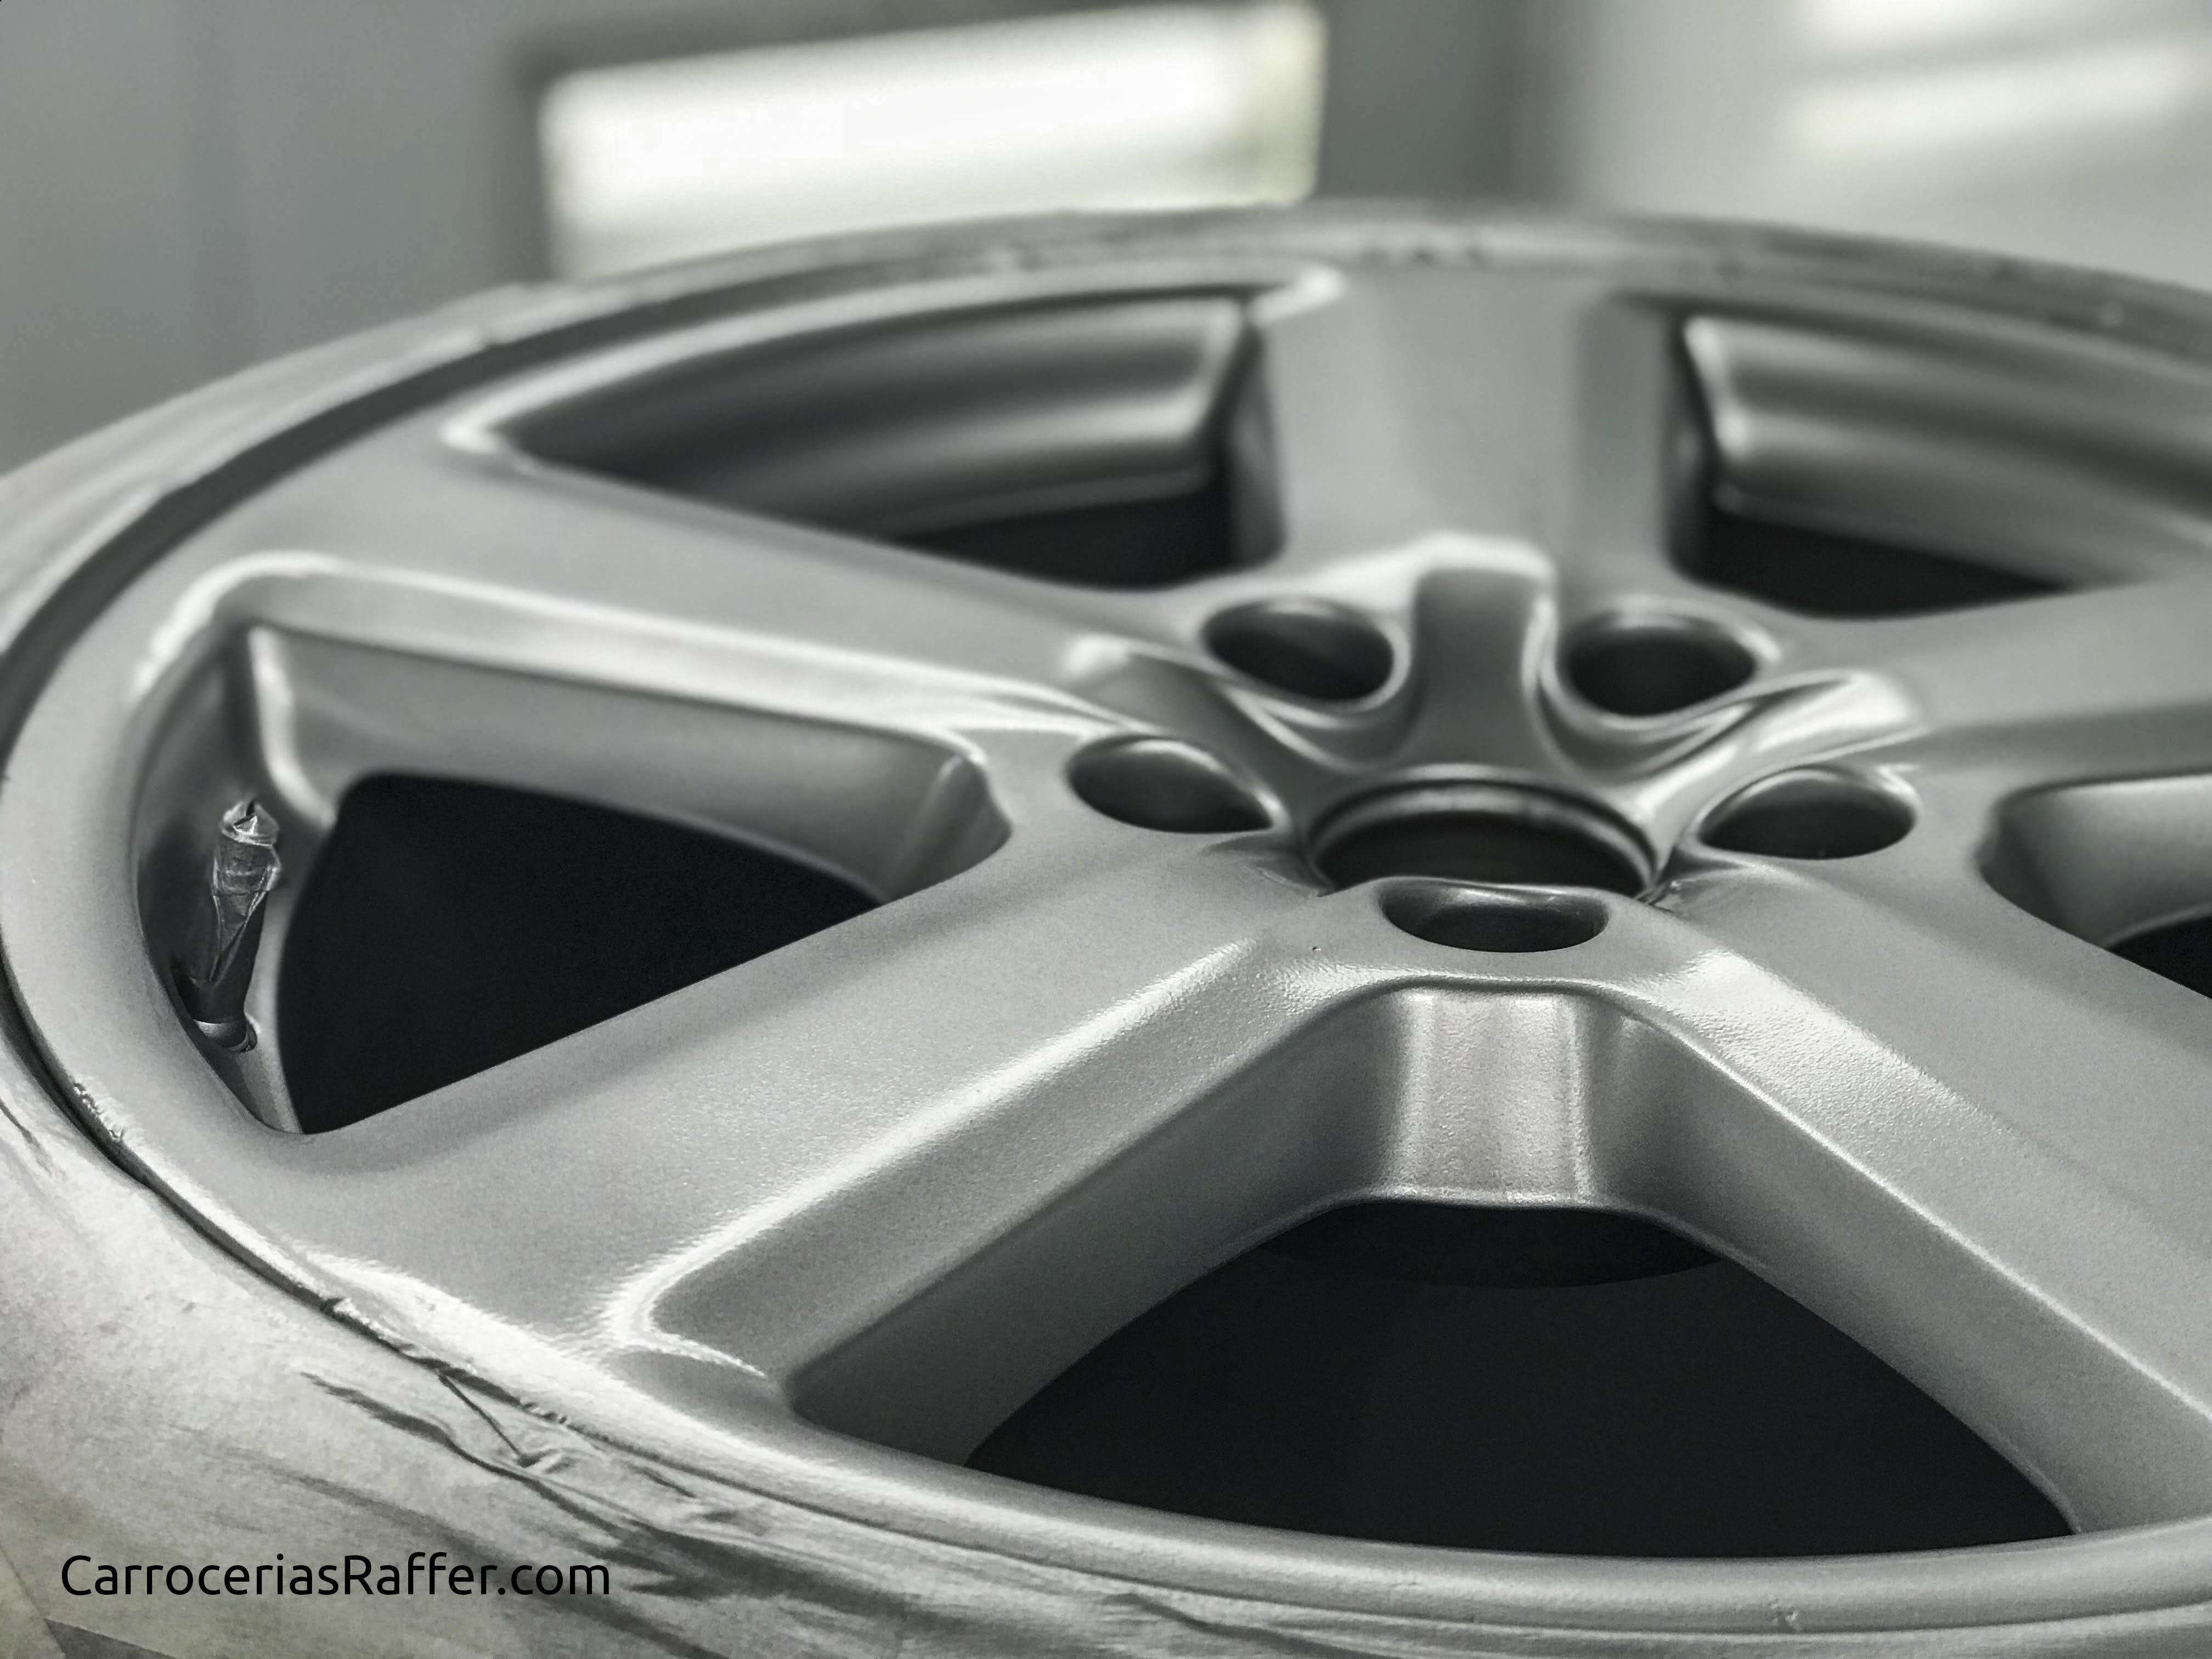 3 pintar ruedas carrocerias raffer hernani gipuzkoa